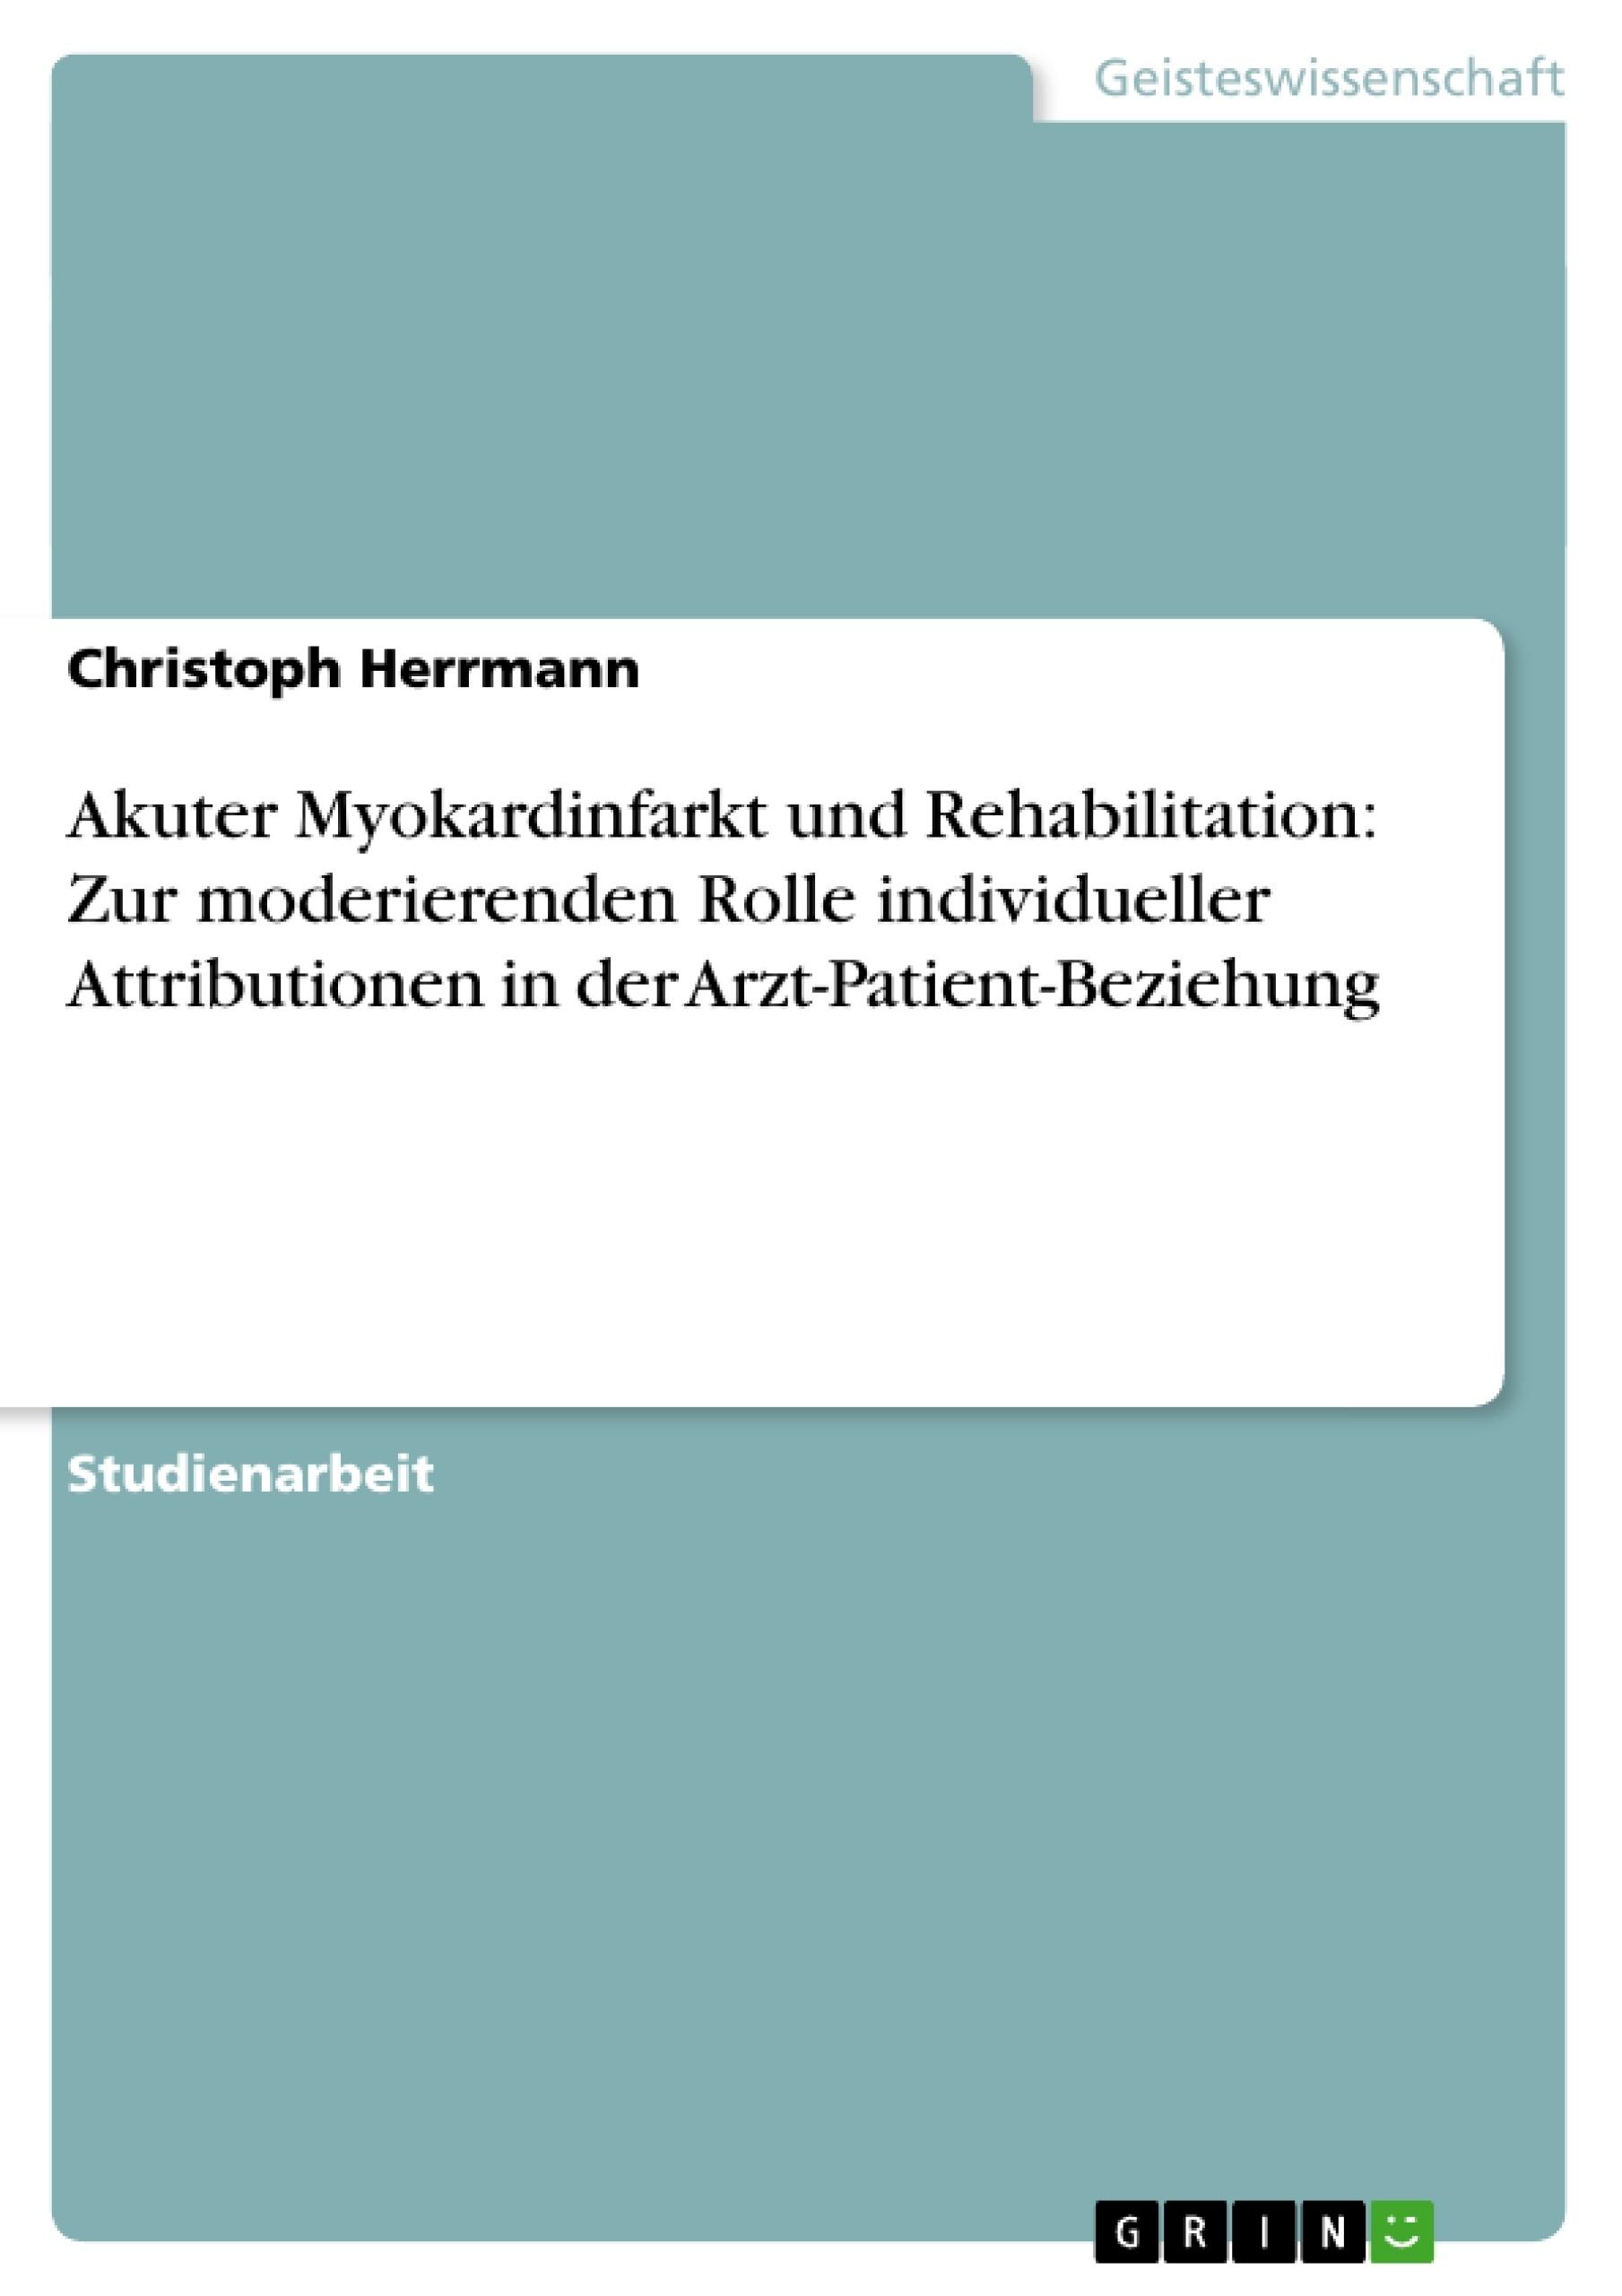 Titel: Akuter Myokardinfarkt und Rehabilitation: Zur moderierenden Rolle individueller Attributionen in der Arzt-Patient-Beziehung